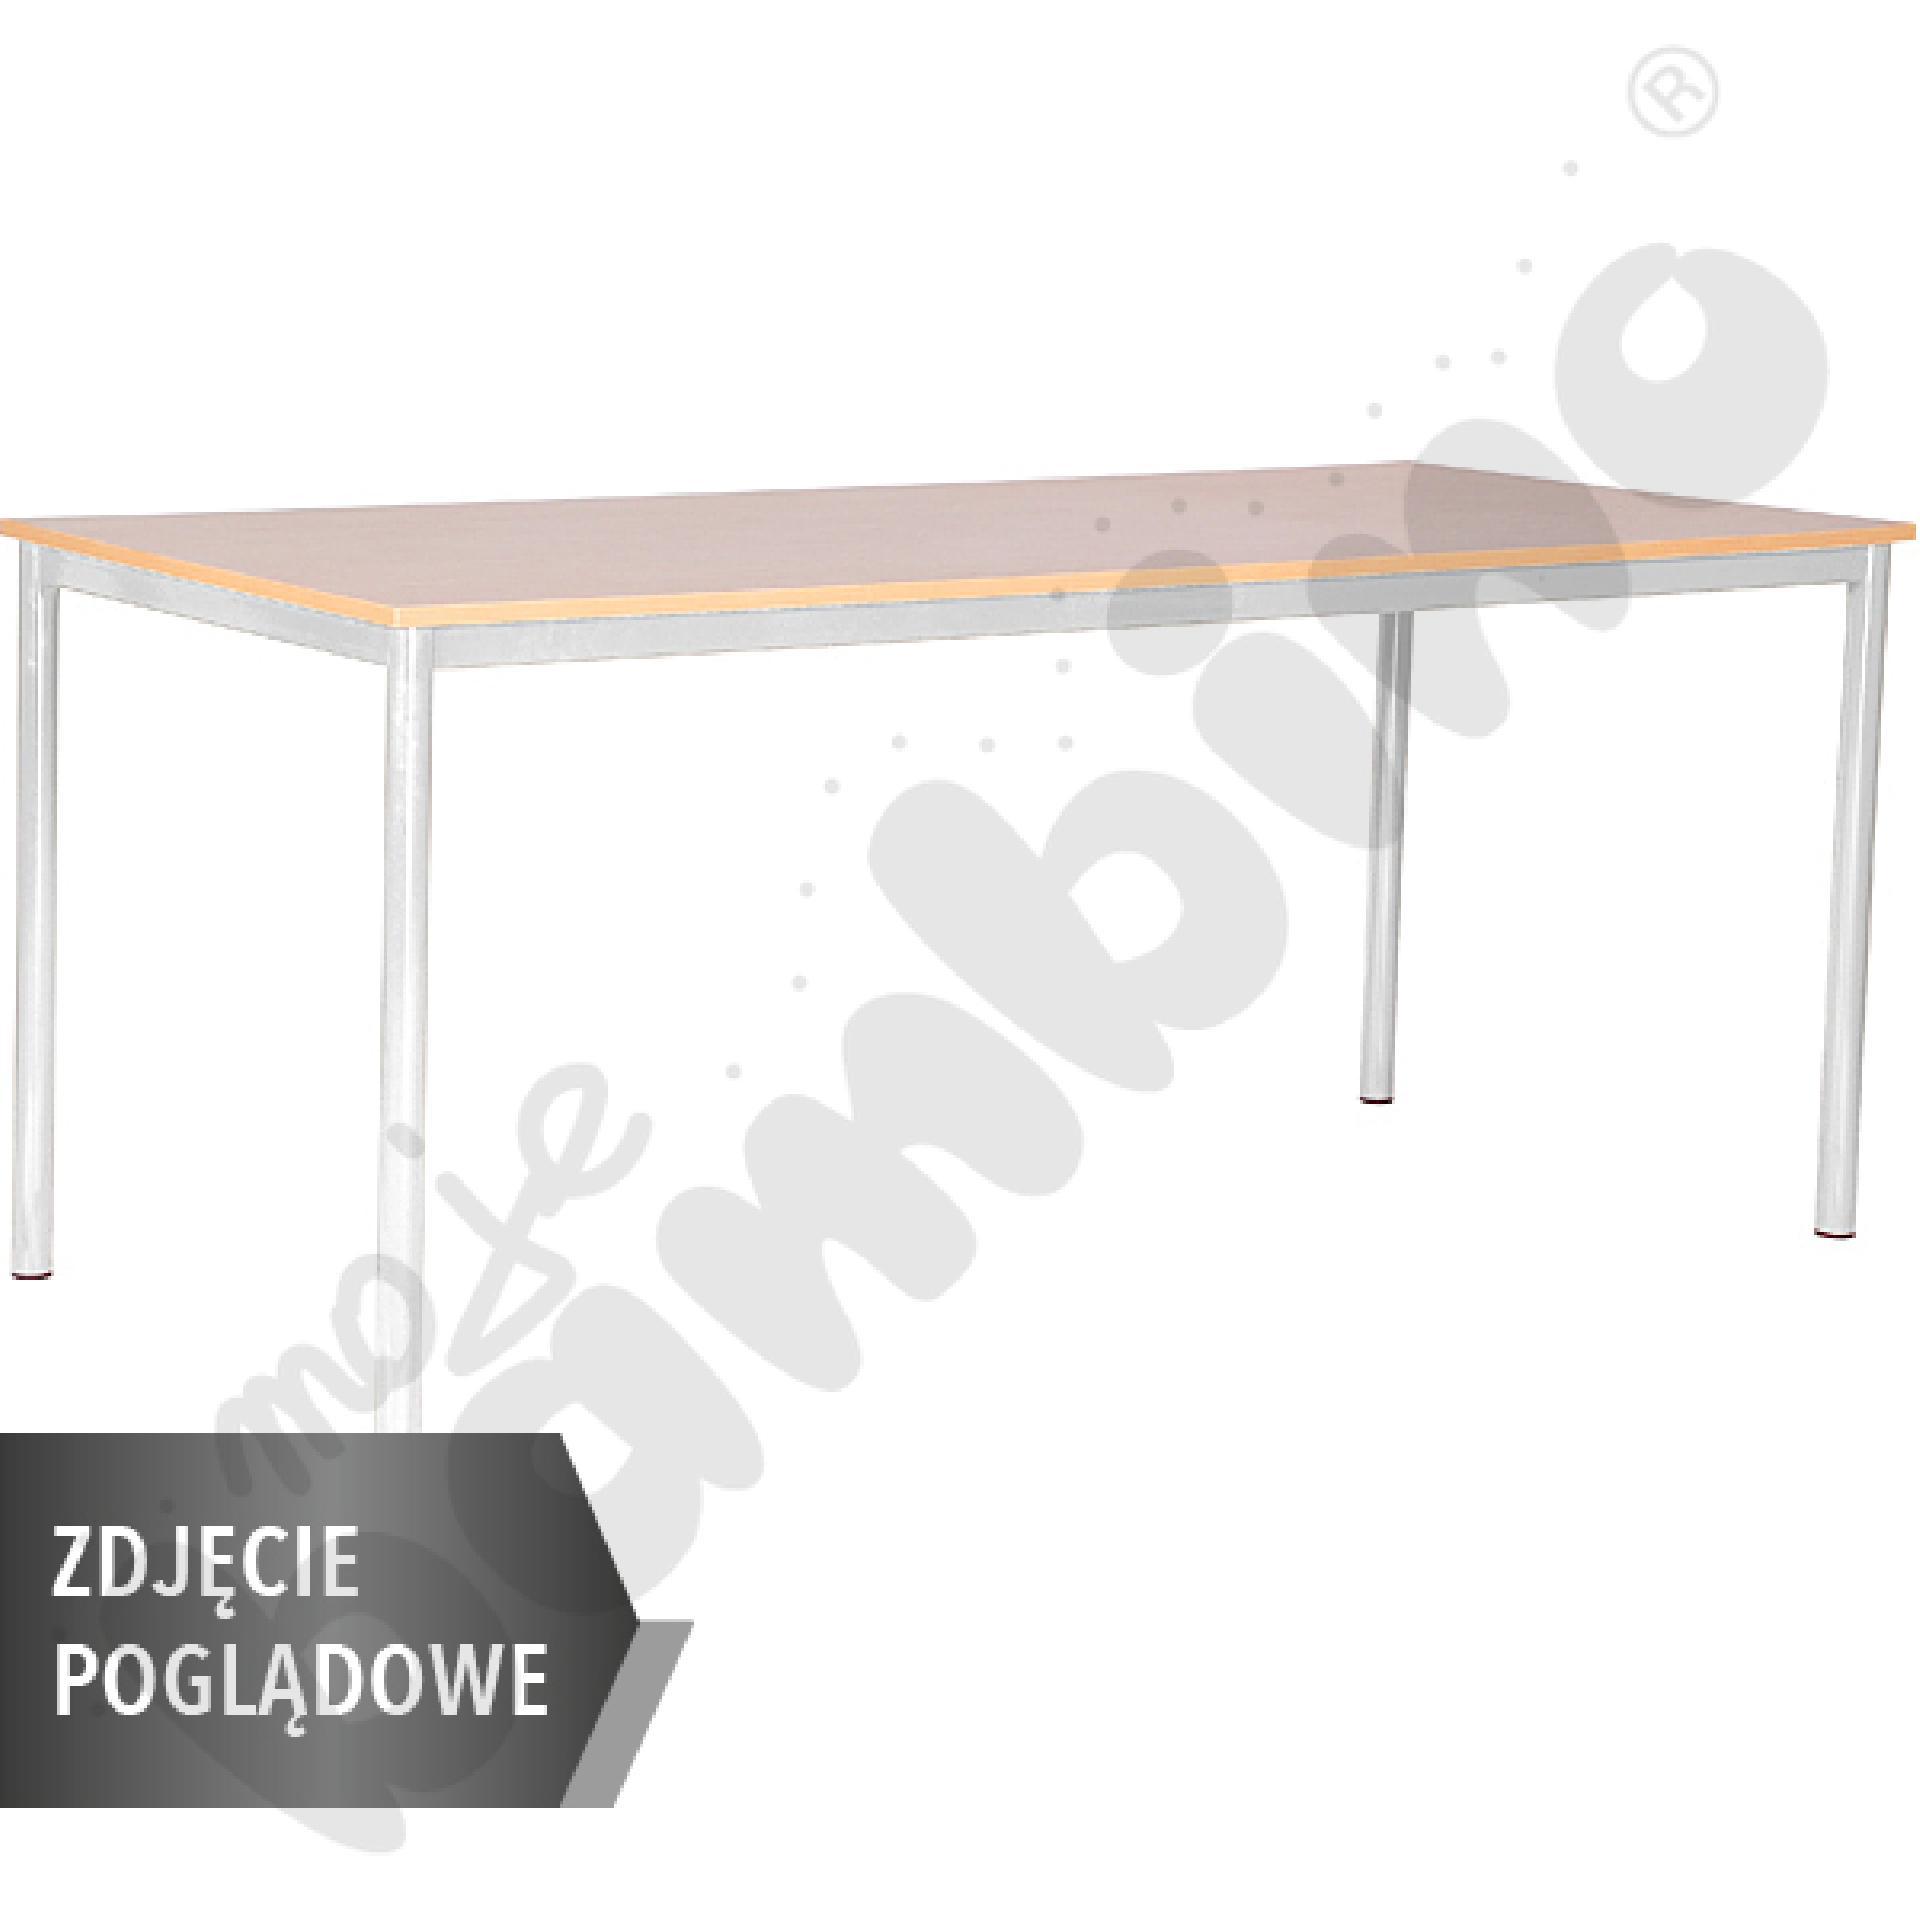 Stół Mila 180x80 rozm. 5, 8os., stelaż czerwony, blat brzoza, obrzeże ABS, narożniki proste